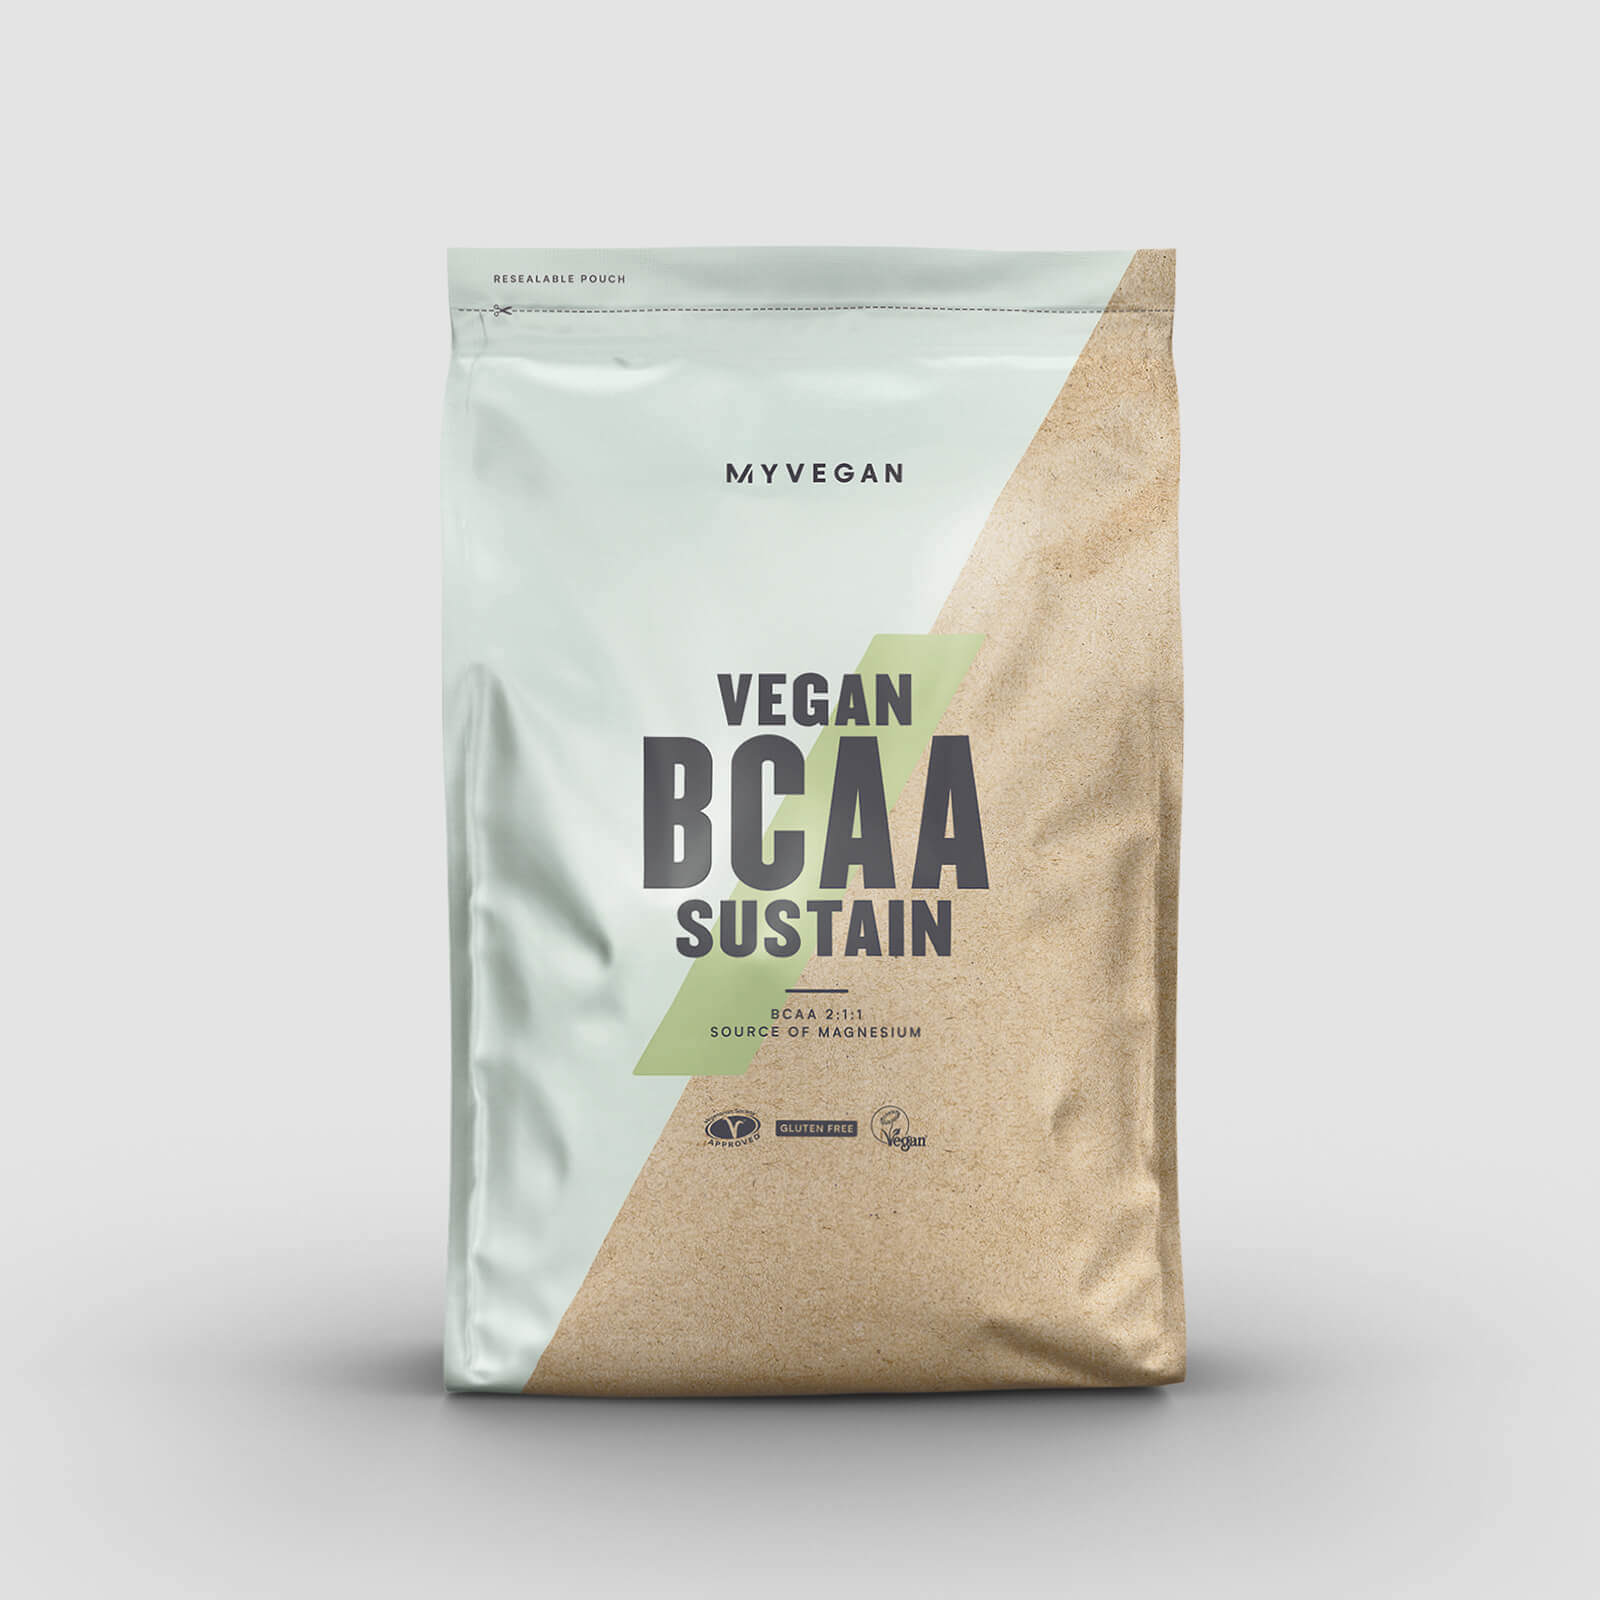 Nejlepší BCAA rostlinného původu